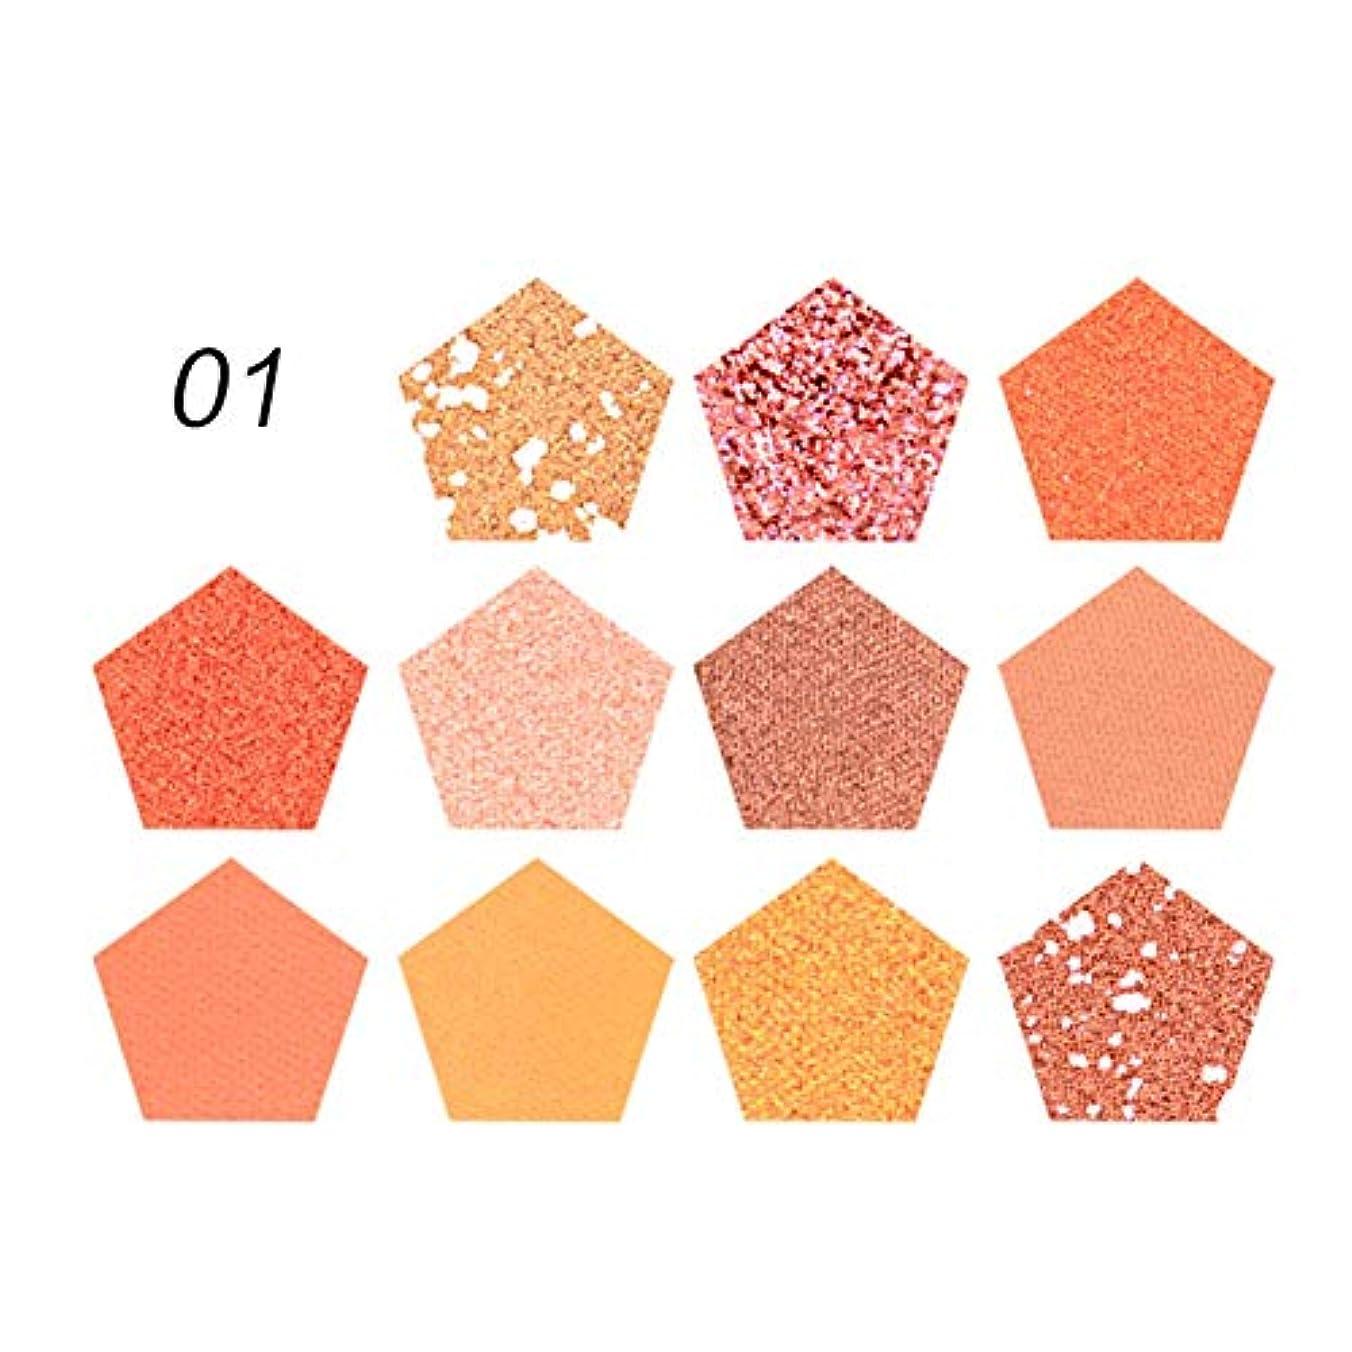 暗記する規制するヒゲ11色 アイシャドウパレットローズゴールドケース 長続き カラーファスト 防水 汚れ防止 美しい外観 アイシャドー ブラウンの色調 春夏 Cutelove